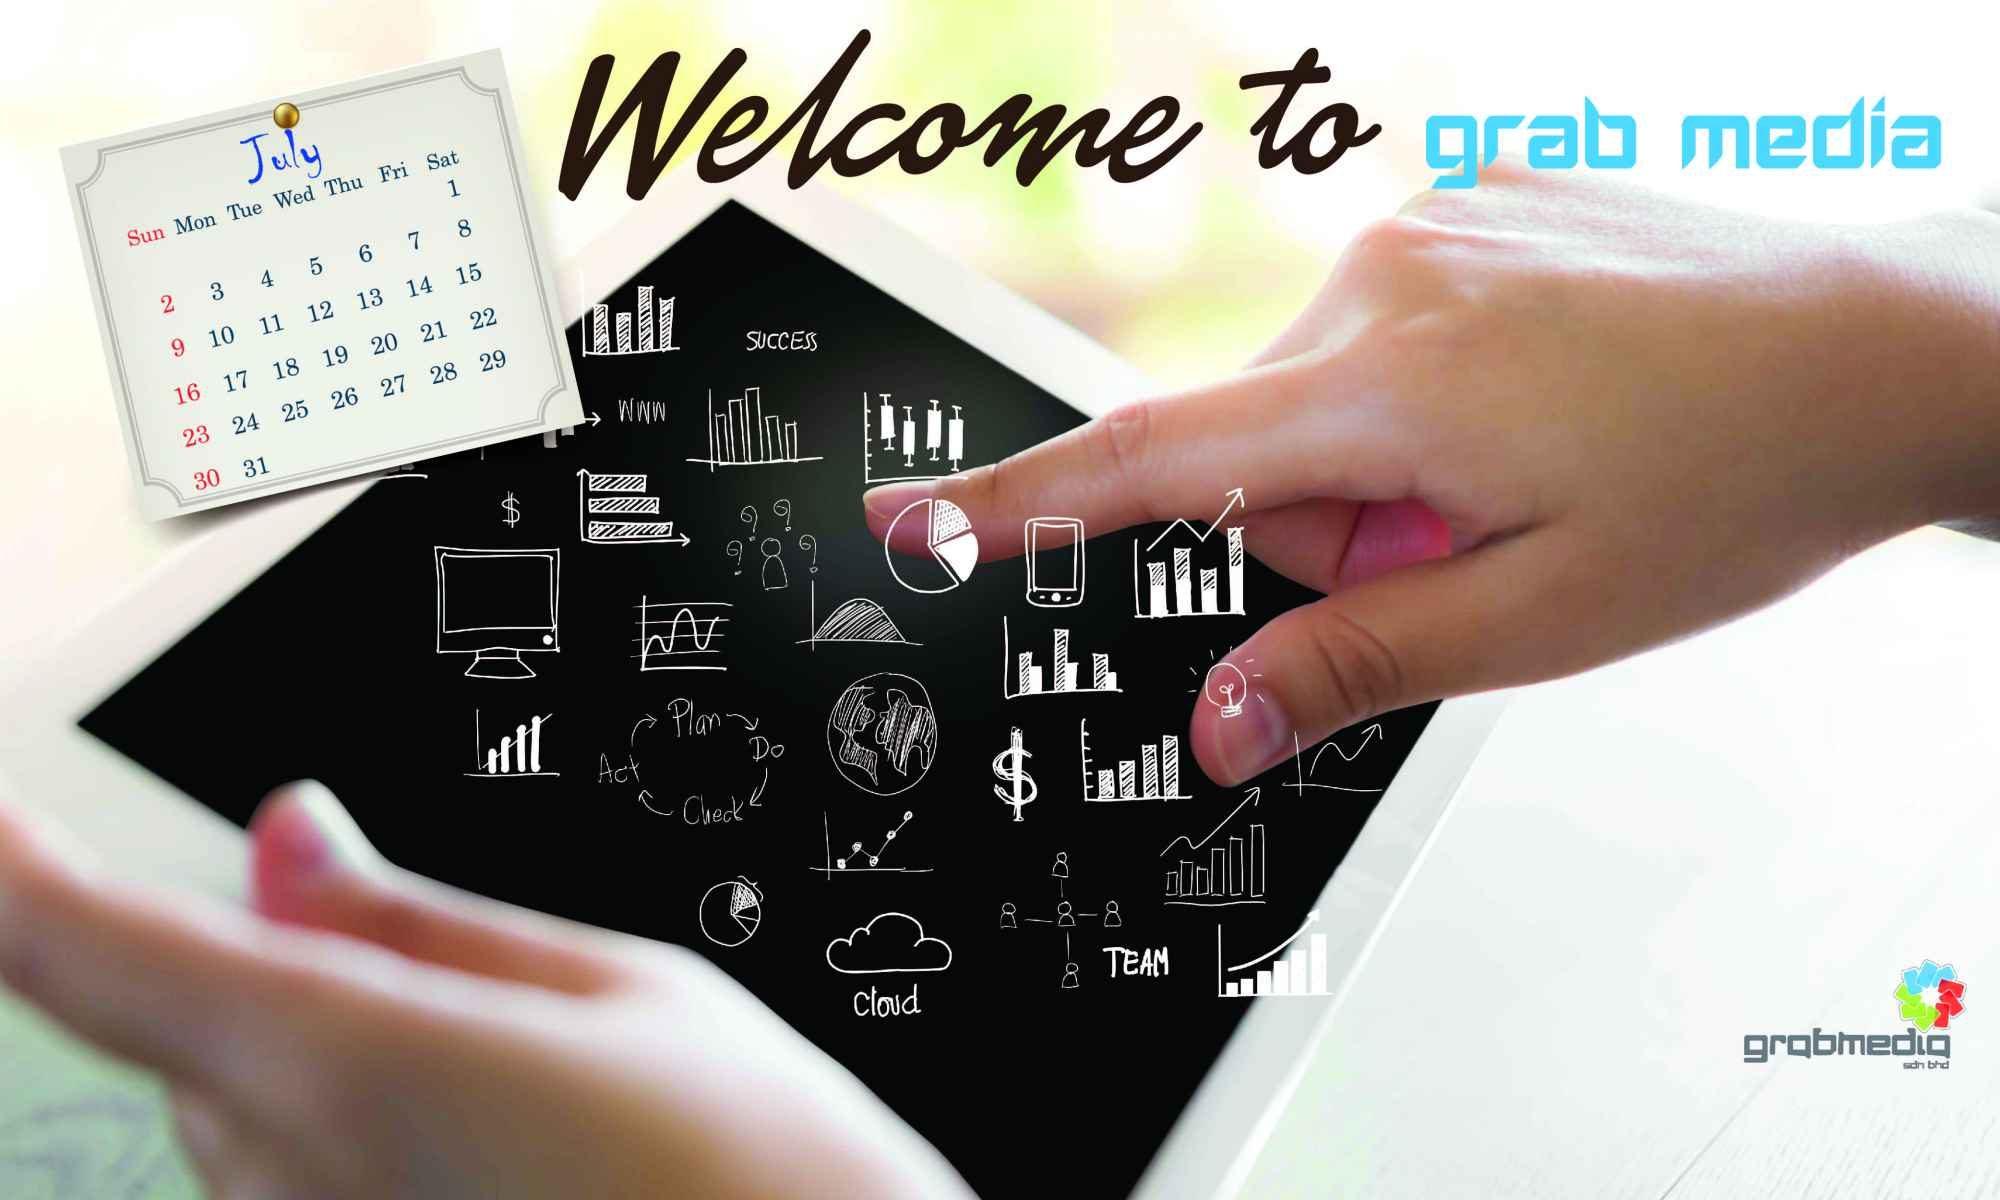 Grabmedia Sdn Bhd